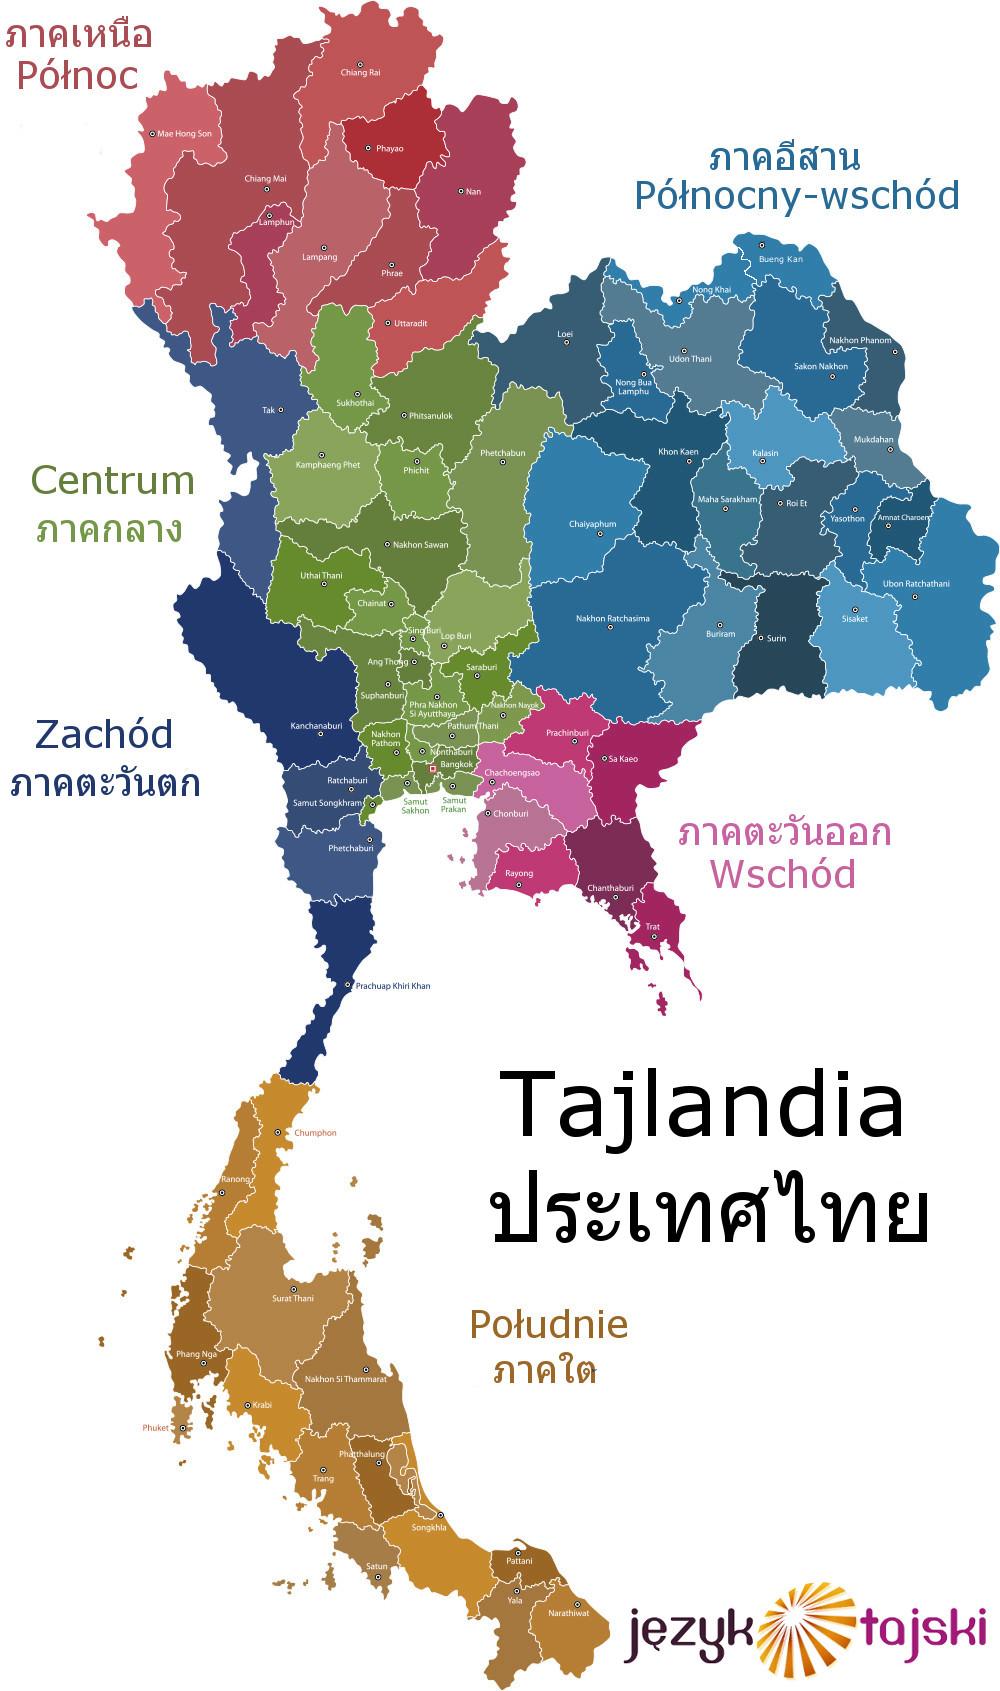 Prowincje Tajlandii